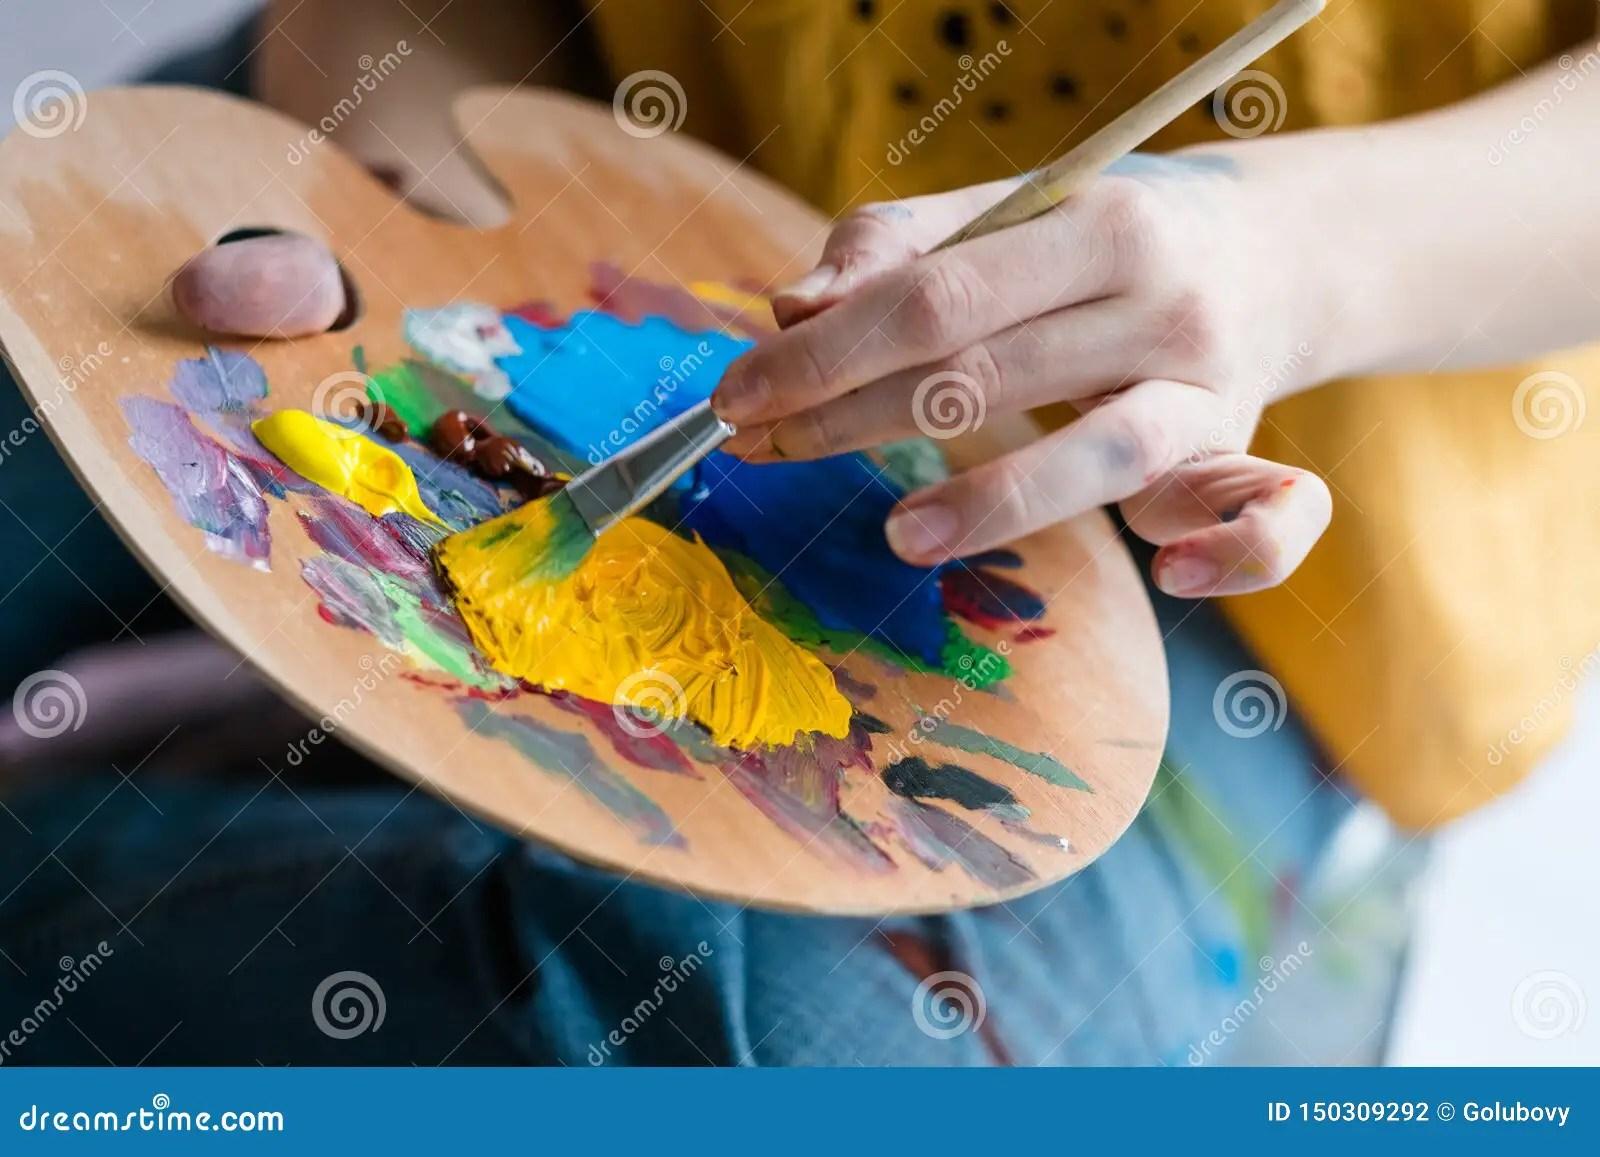 Artiste De Palette De Peinture Acrylique D Ecole De Beaux Arts Photo Stock Image Du Gouache Femelle 150309292